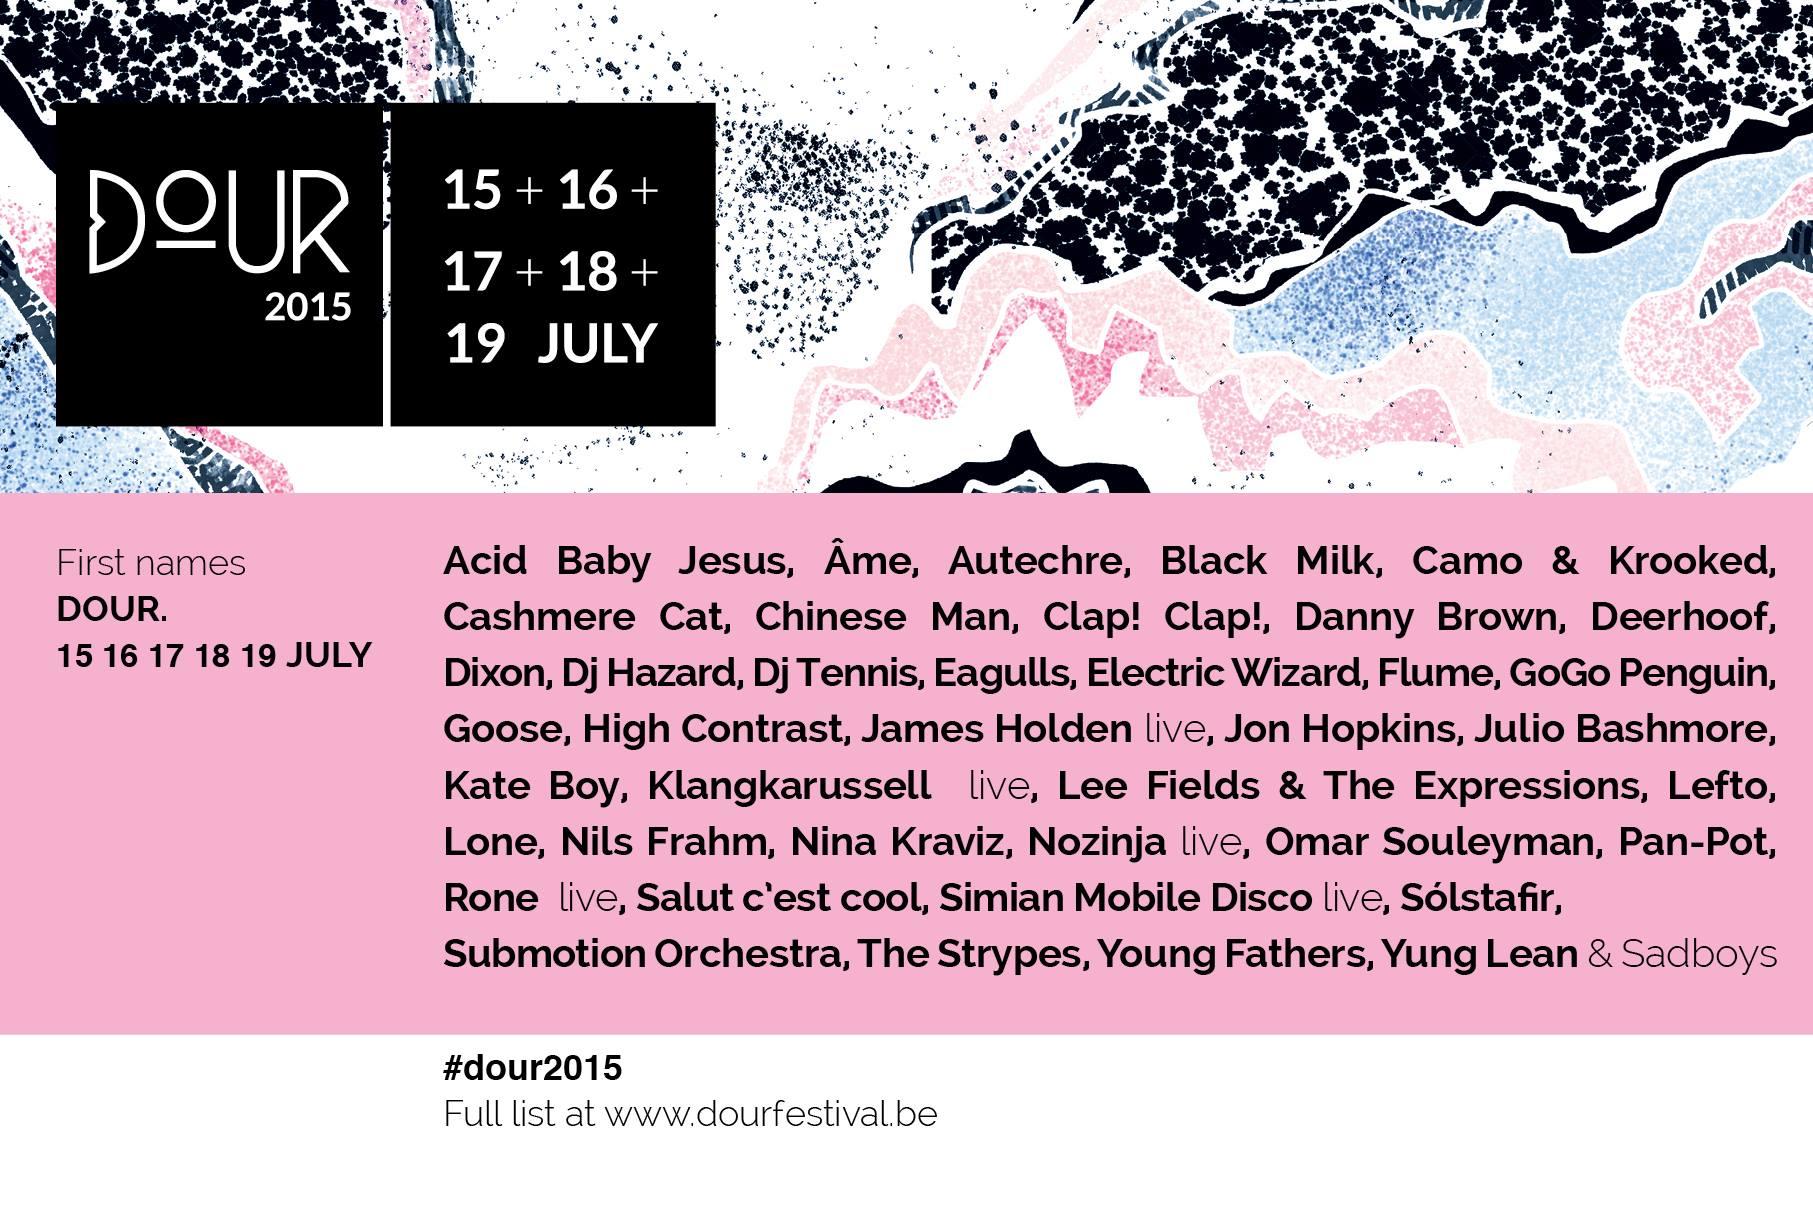 Dour Festival 2015 Lineup 40 premiers noms